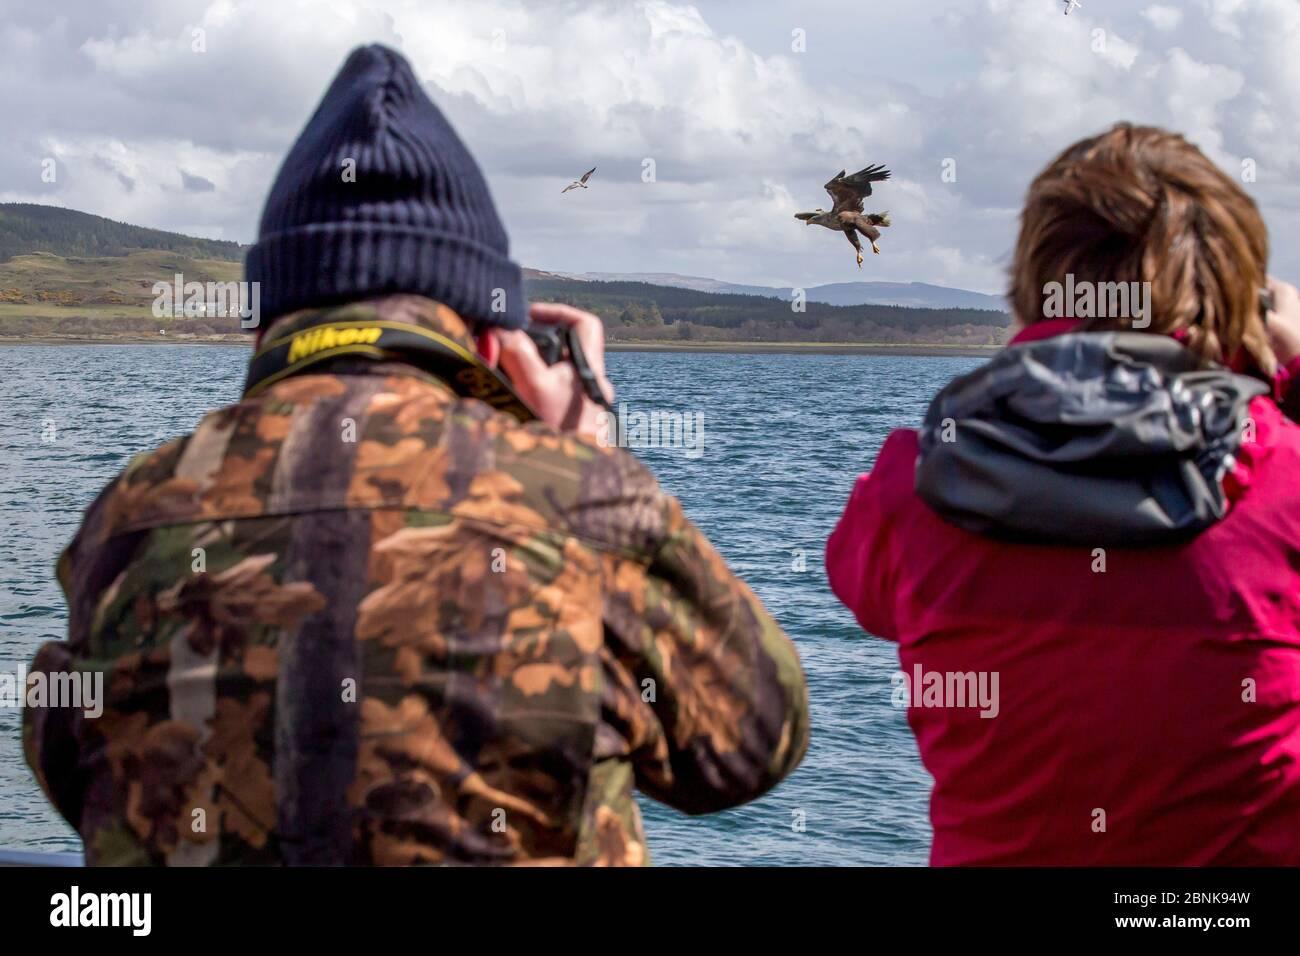 Vista trasera de hombre y mujer, fotografiando el águila de cola blanca (Haliaeetus albicilla) tomando pescado, Isla de Mull, Argyll y Bute, Escocia, Reino Unido, mayo. Foto de stock